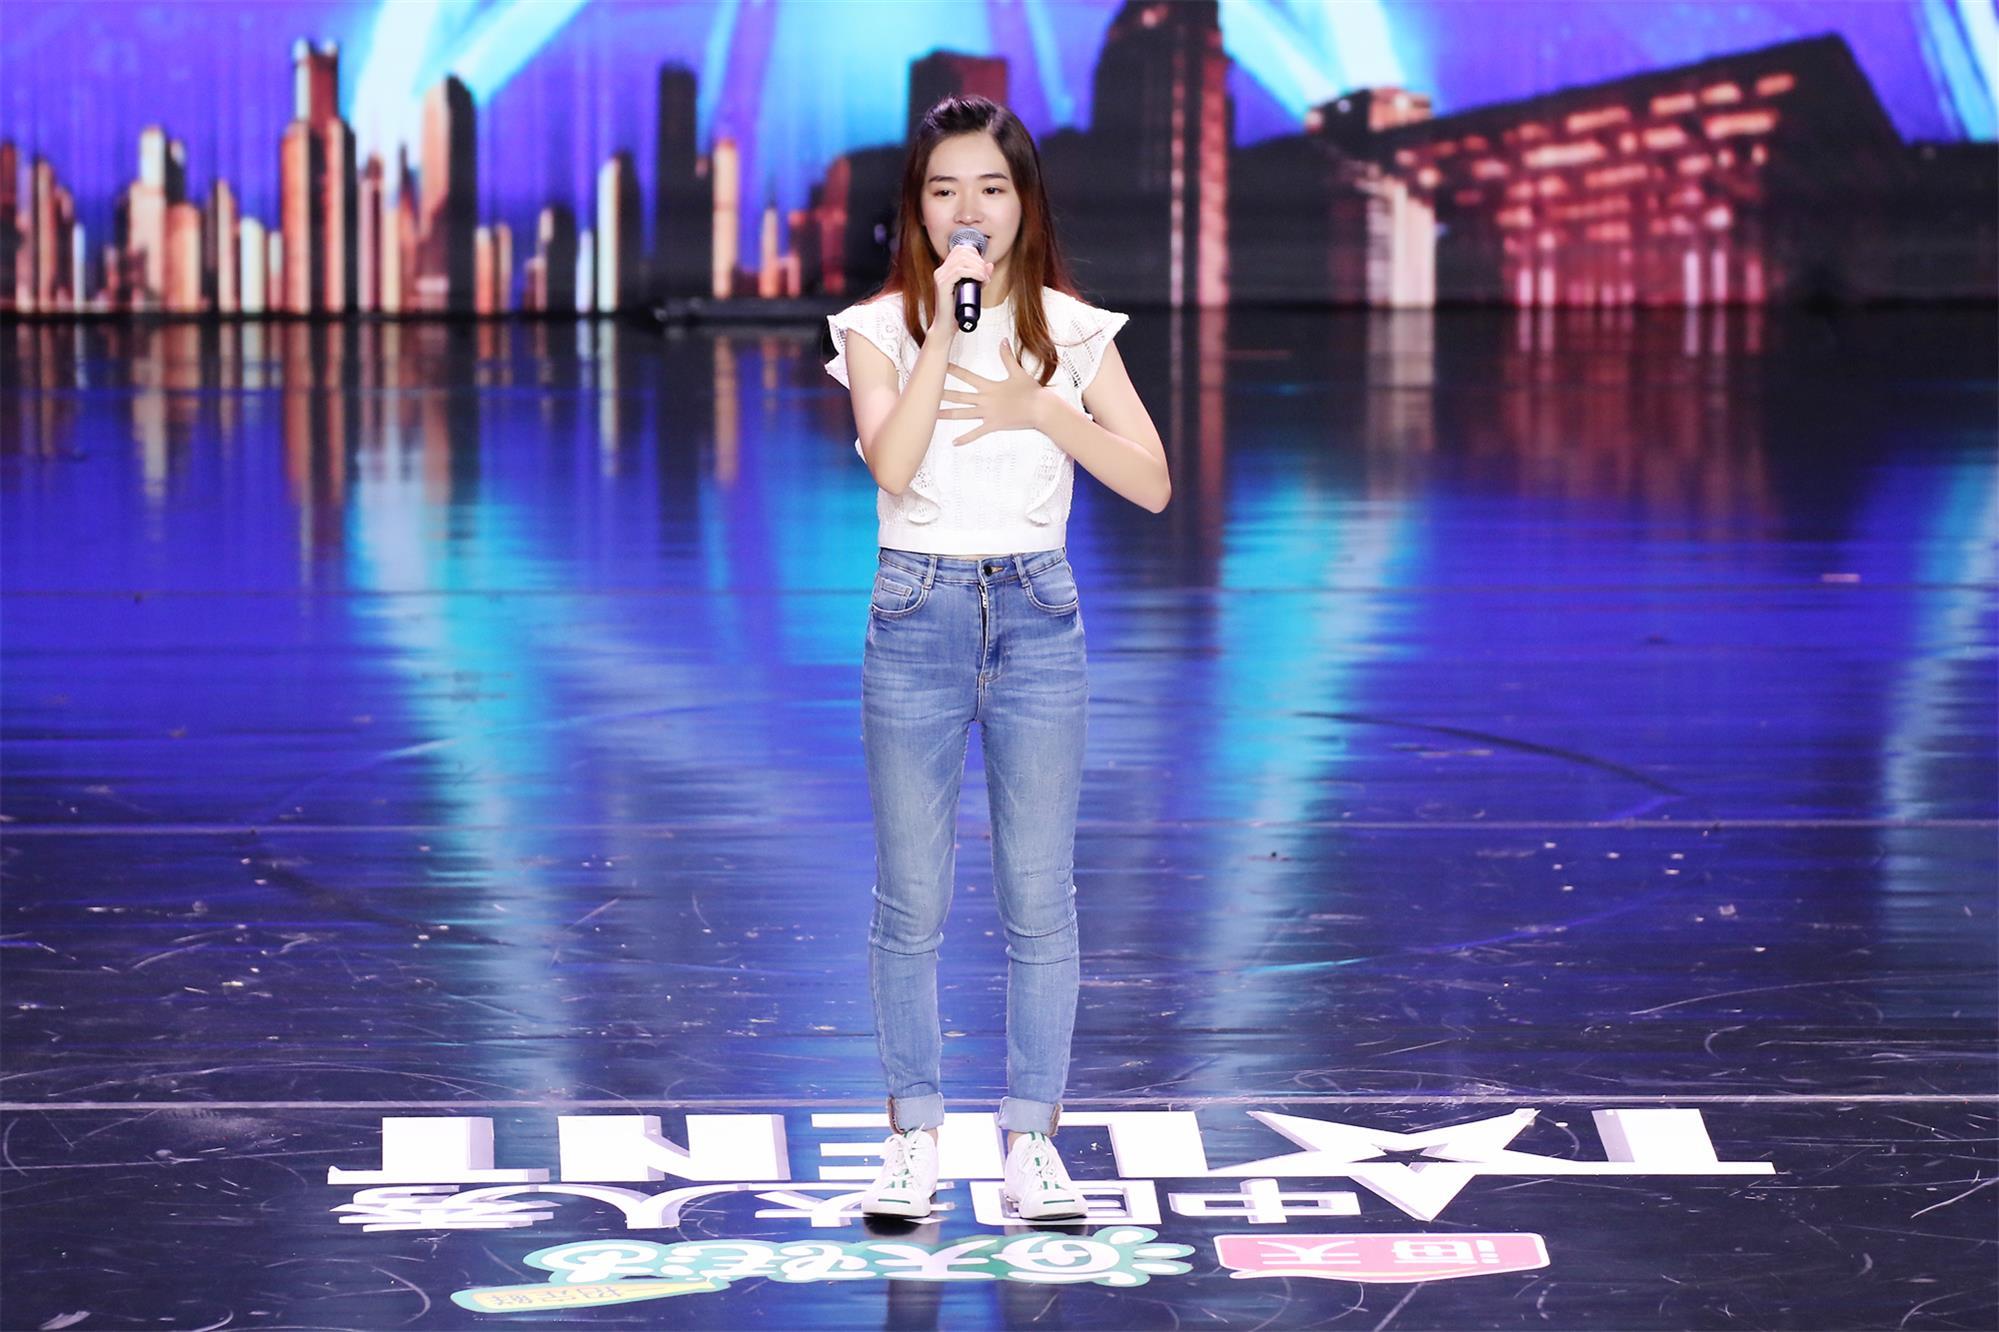 《中国达人秀》19岁印尼华裔女孩民歌寻根,淮秀帮创意配音折服沈腾金星